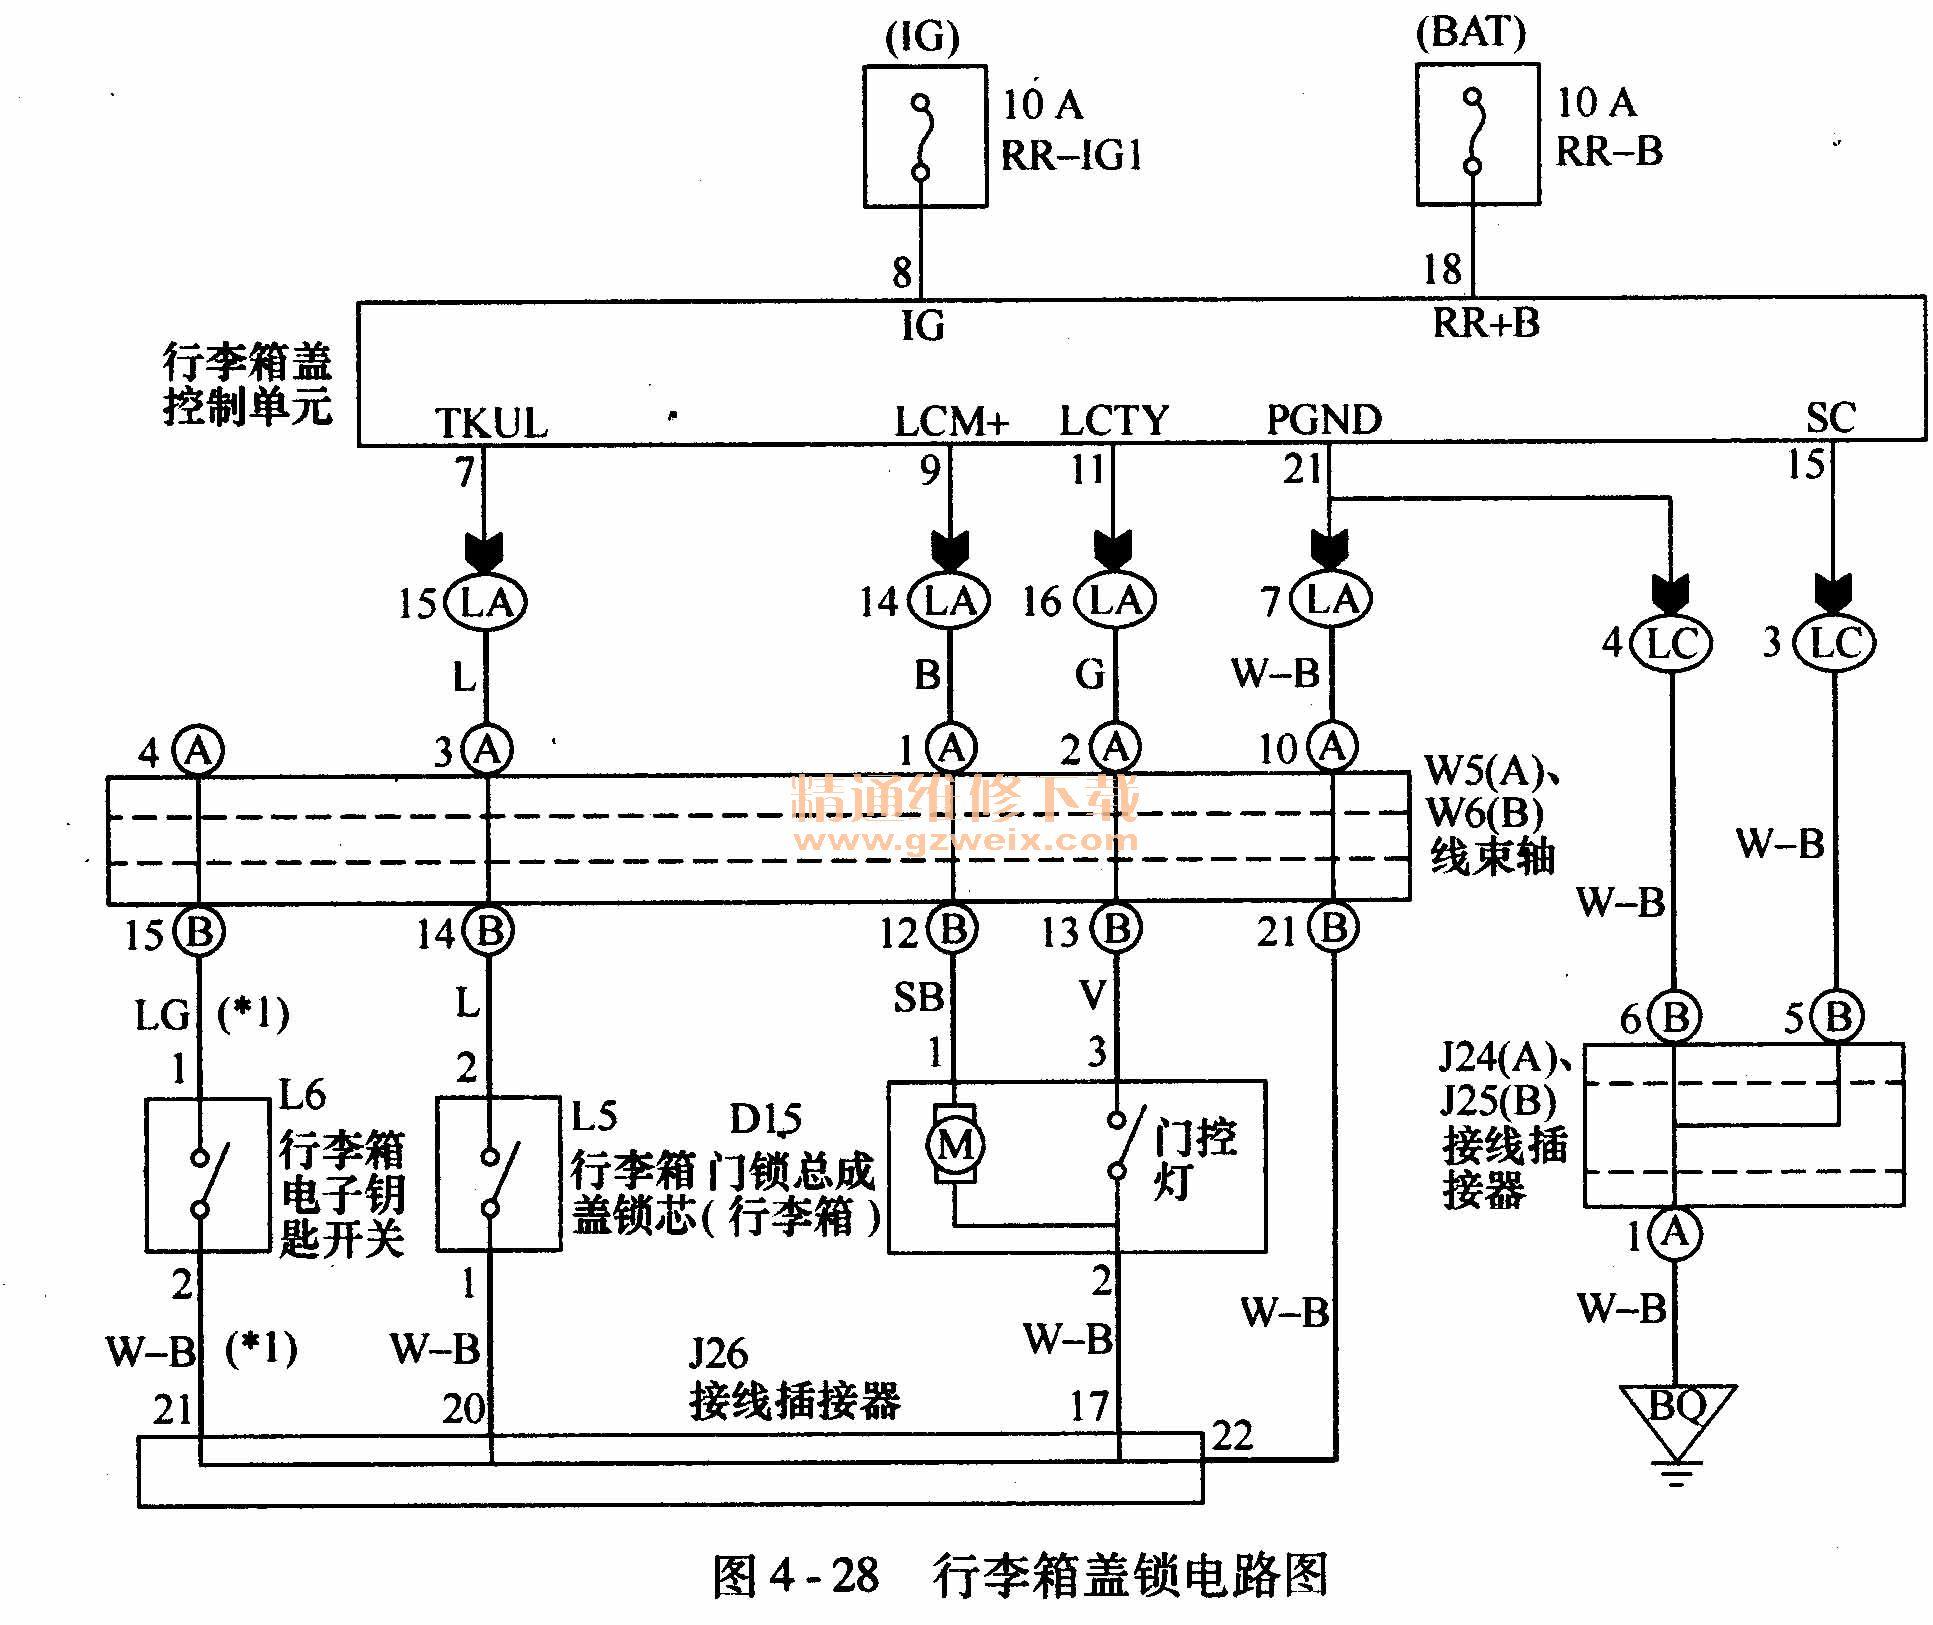 丰田皇冠轿车行李箱锁不能开锁